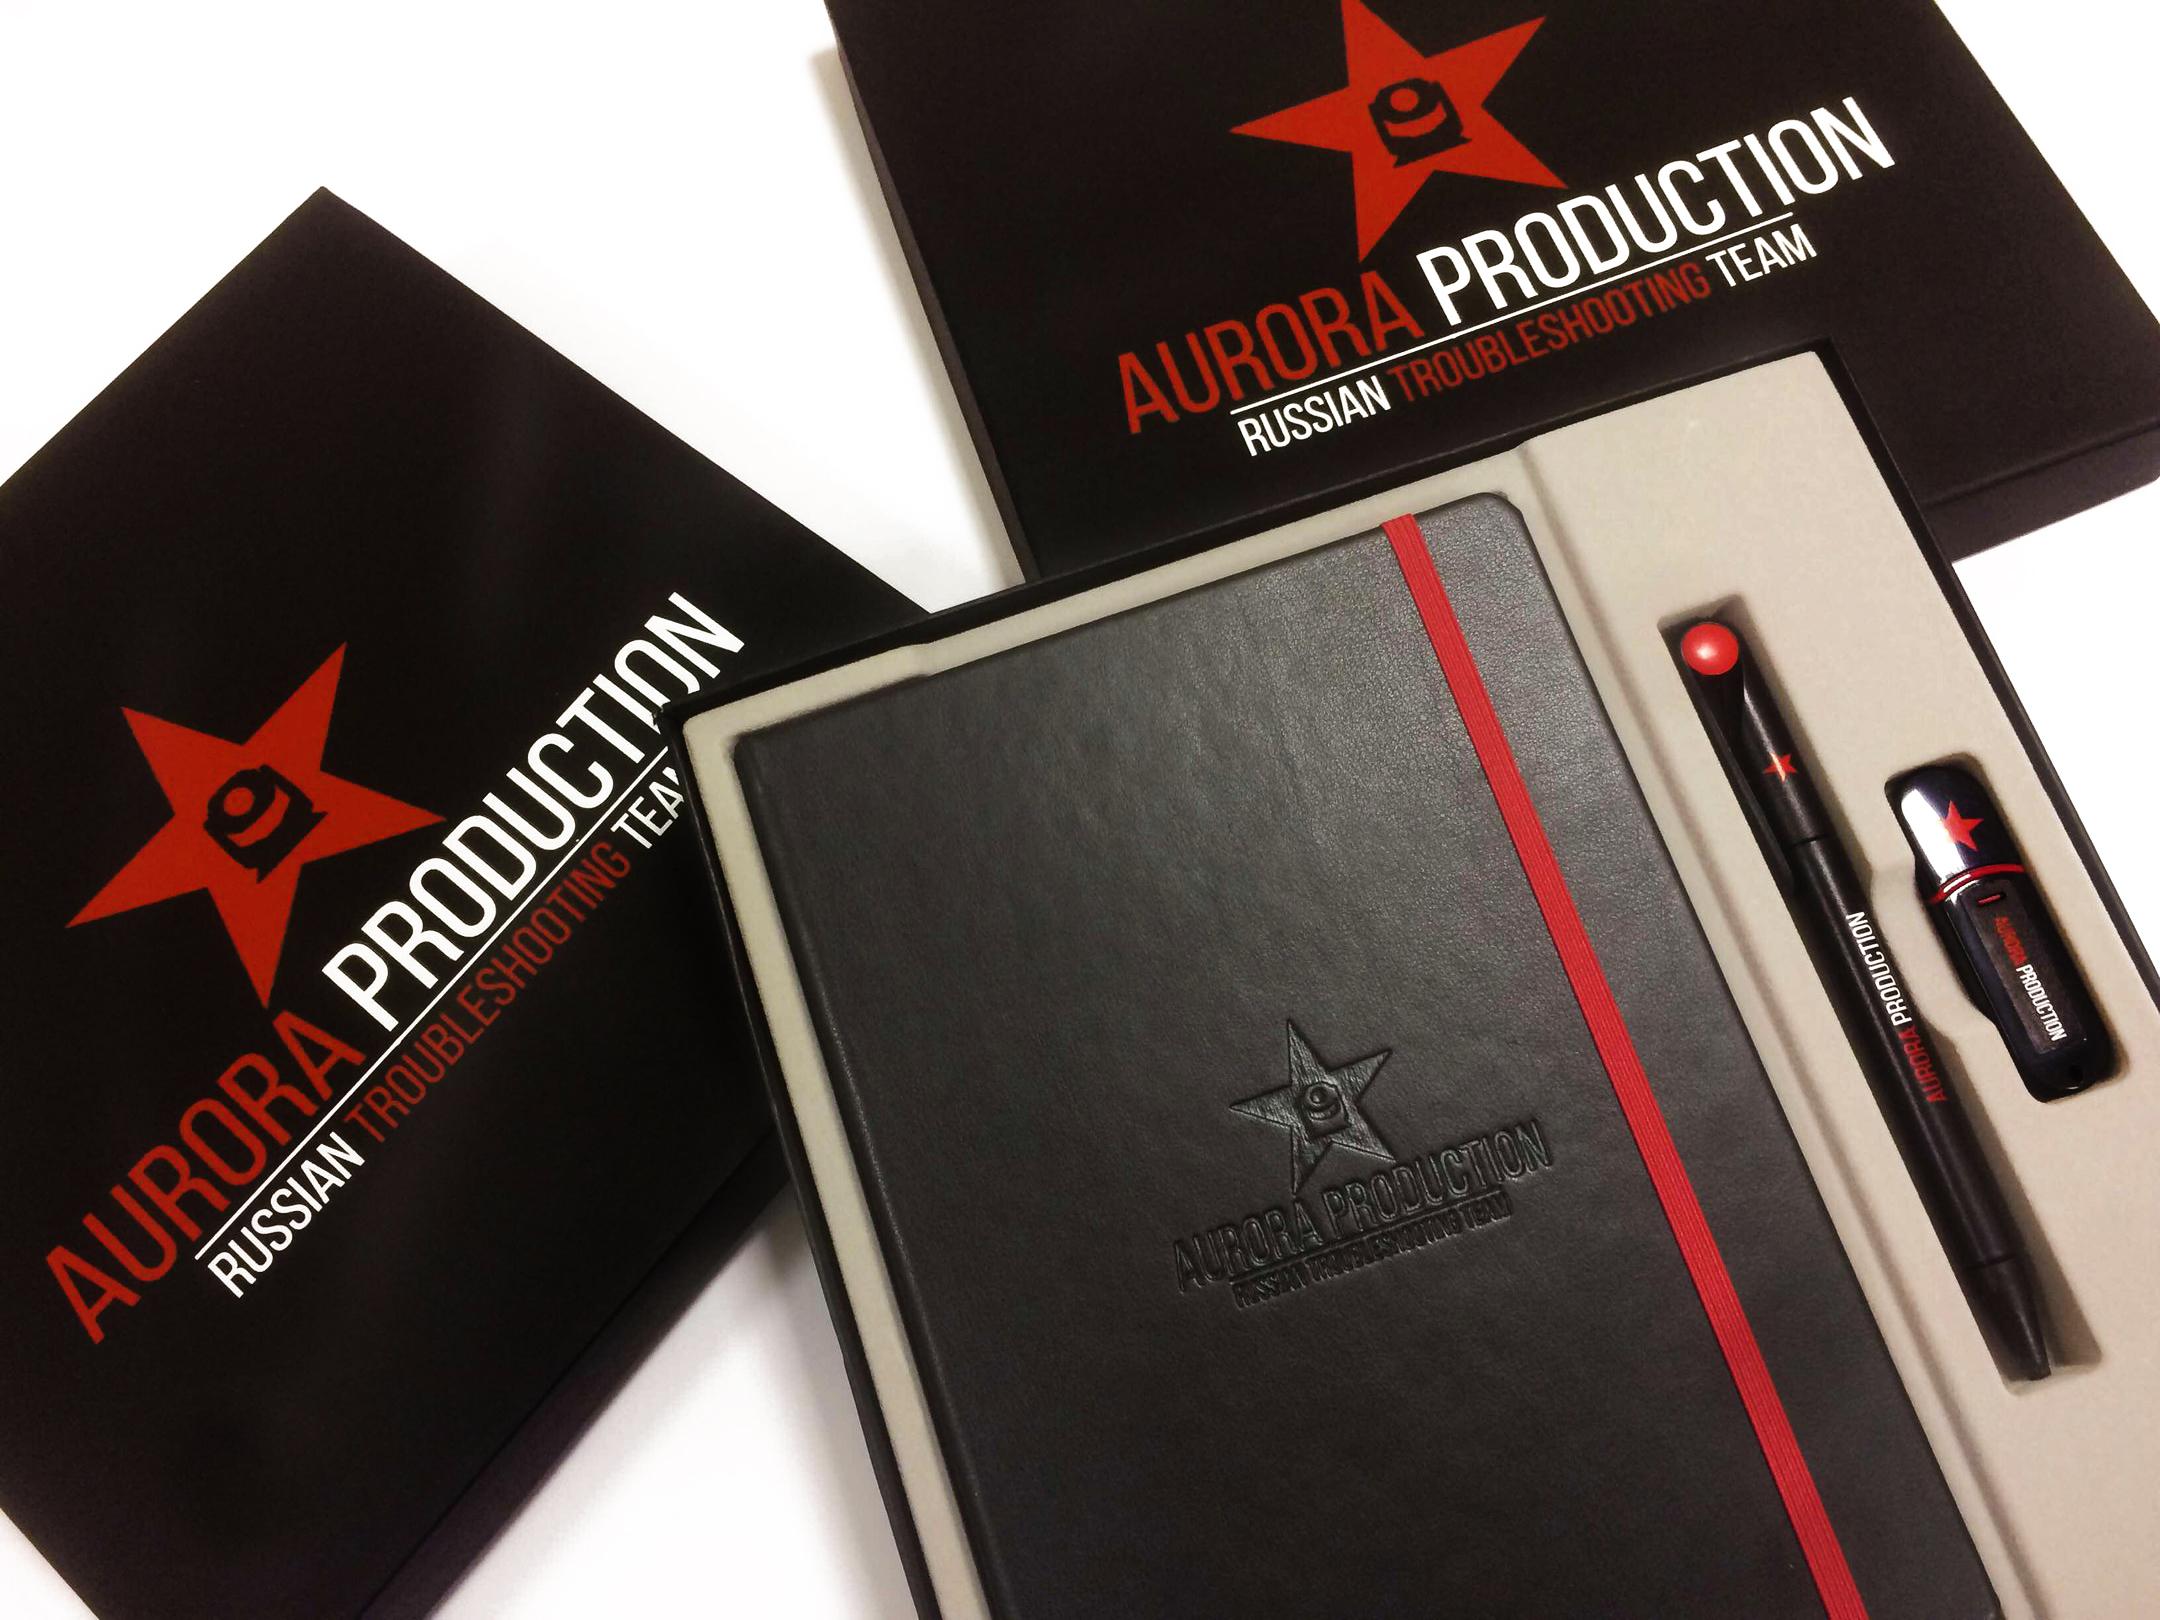 Подарочные наборы Avrora Production